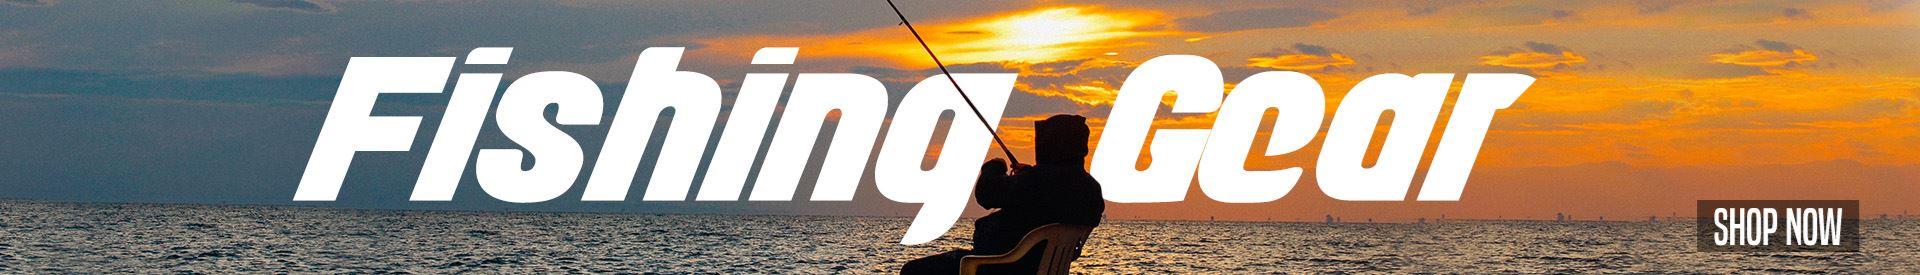 Fishing Gear & Fishing Supplies